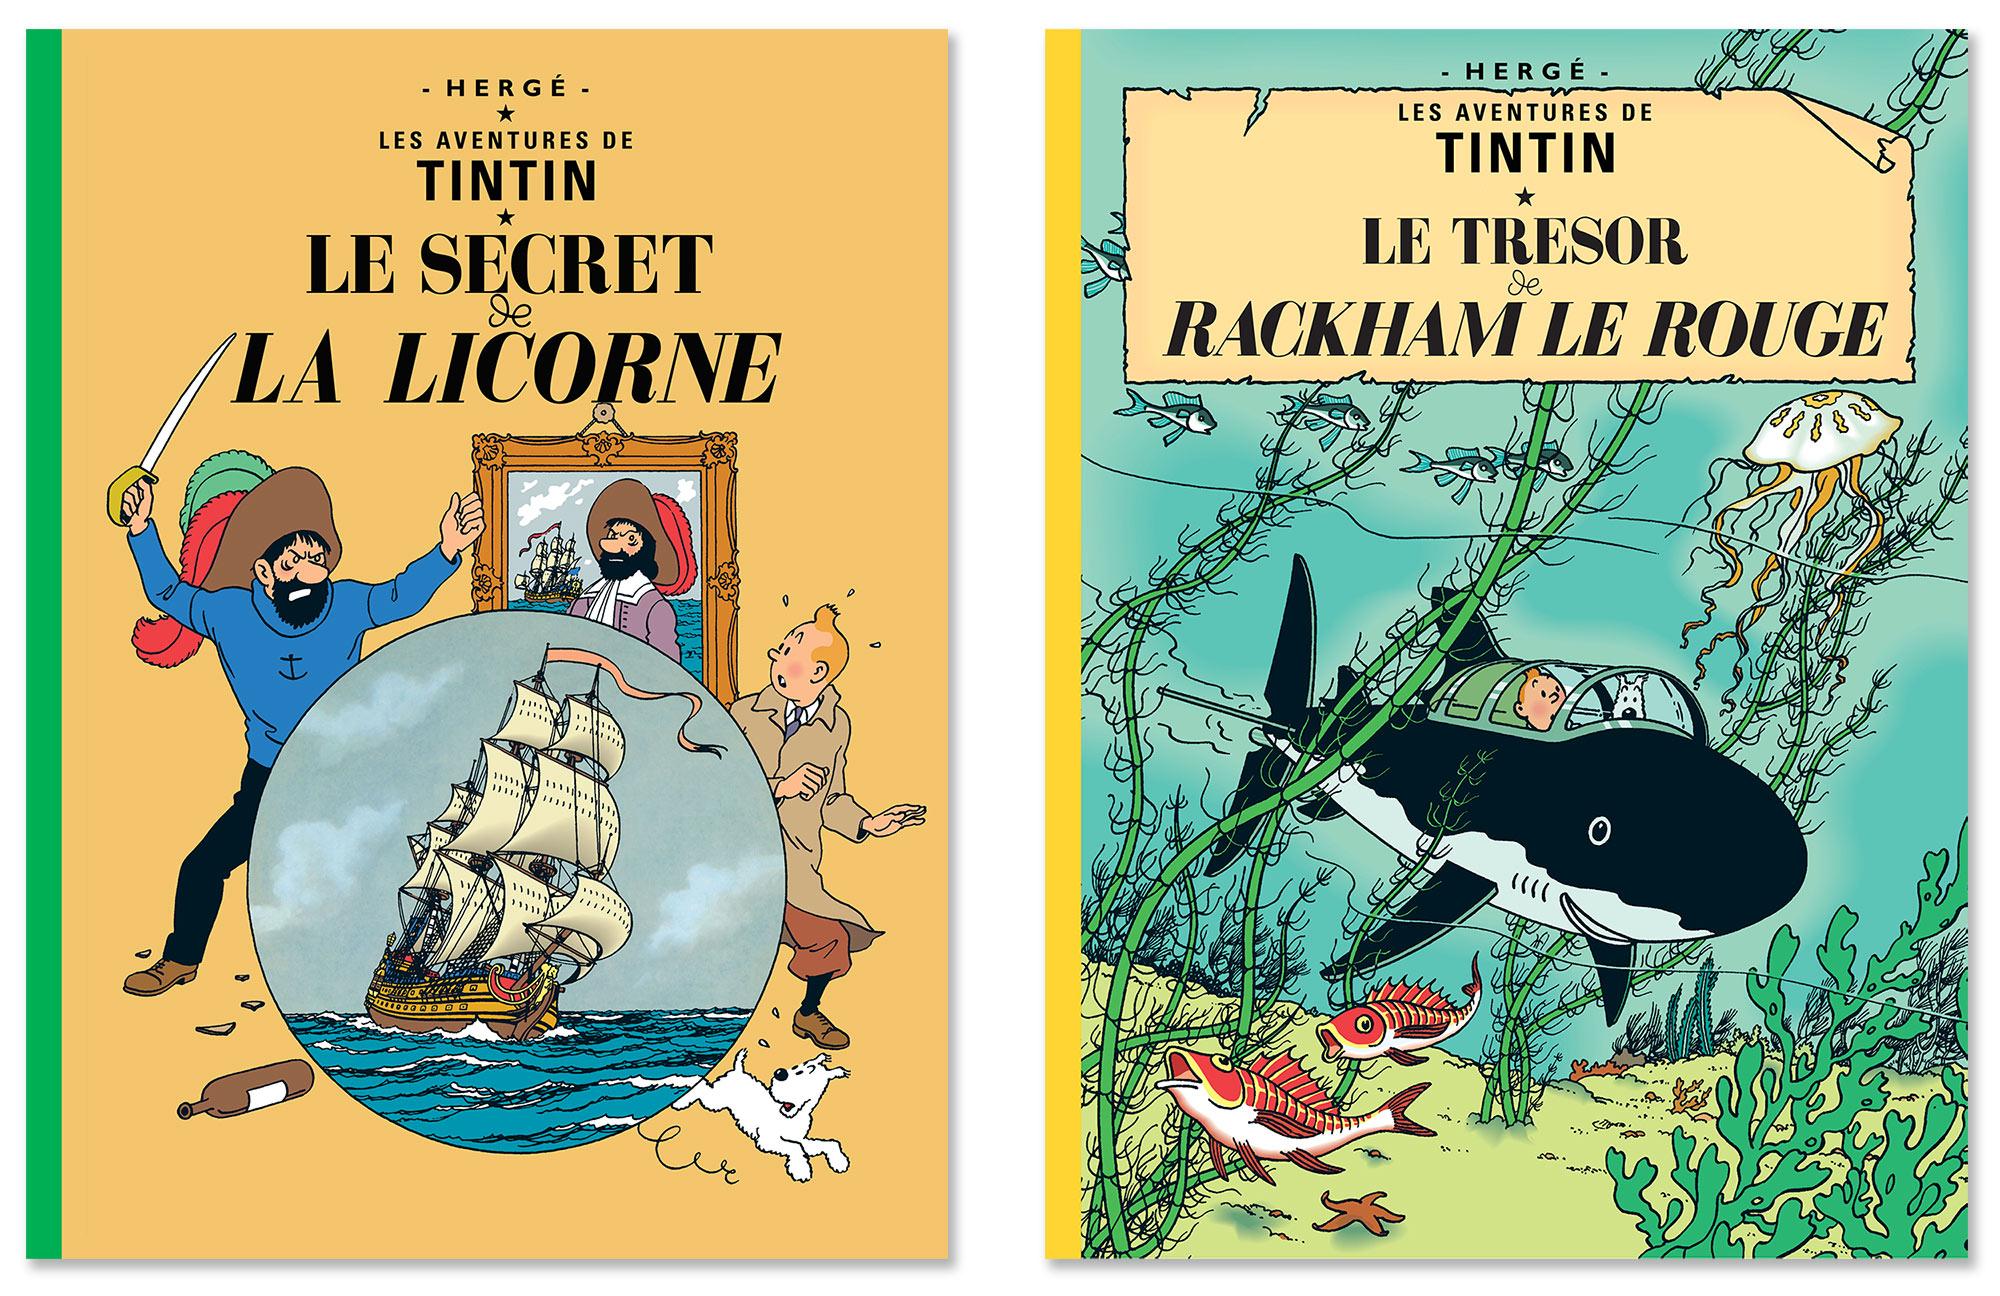 Tintin - Les Aventures de Tintin - Le Secret de La Licorne - Le Trésor de Rackham Le Rouge